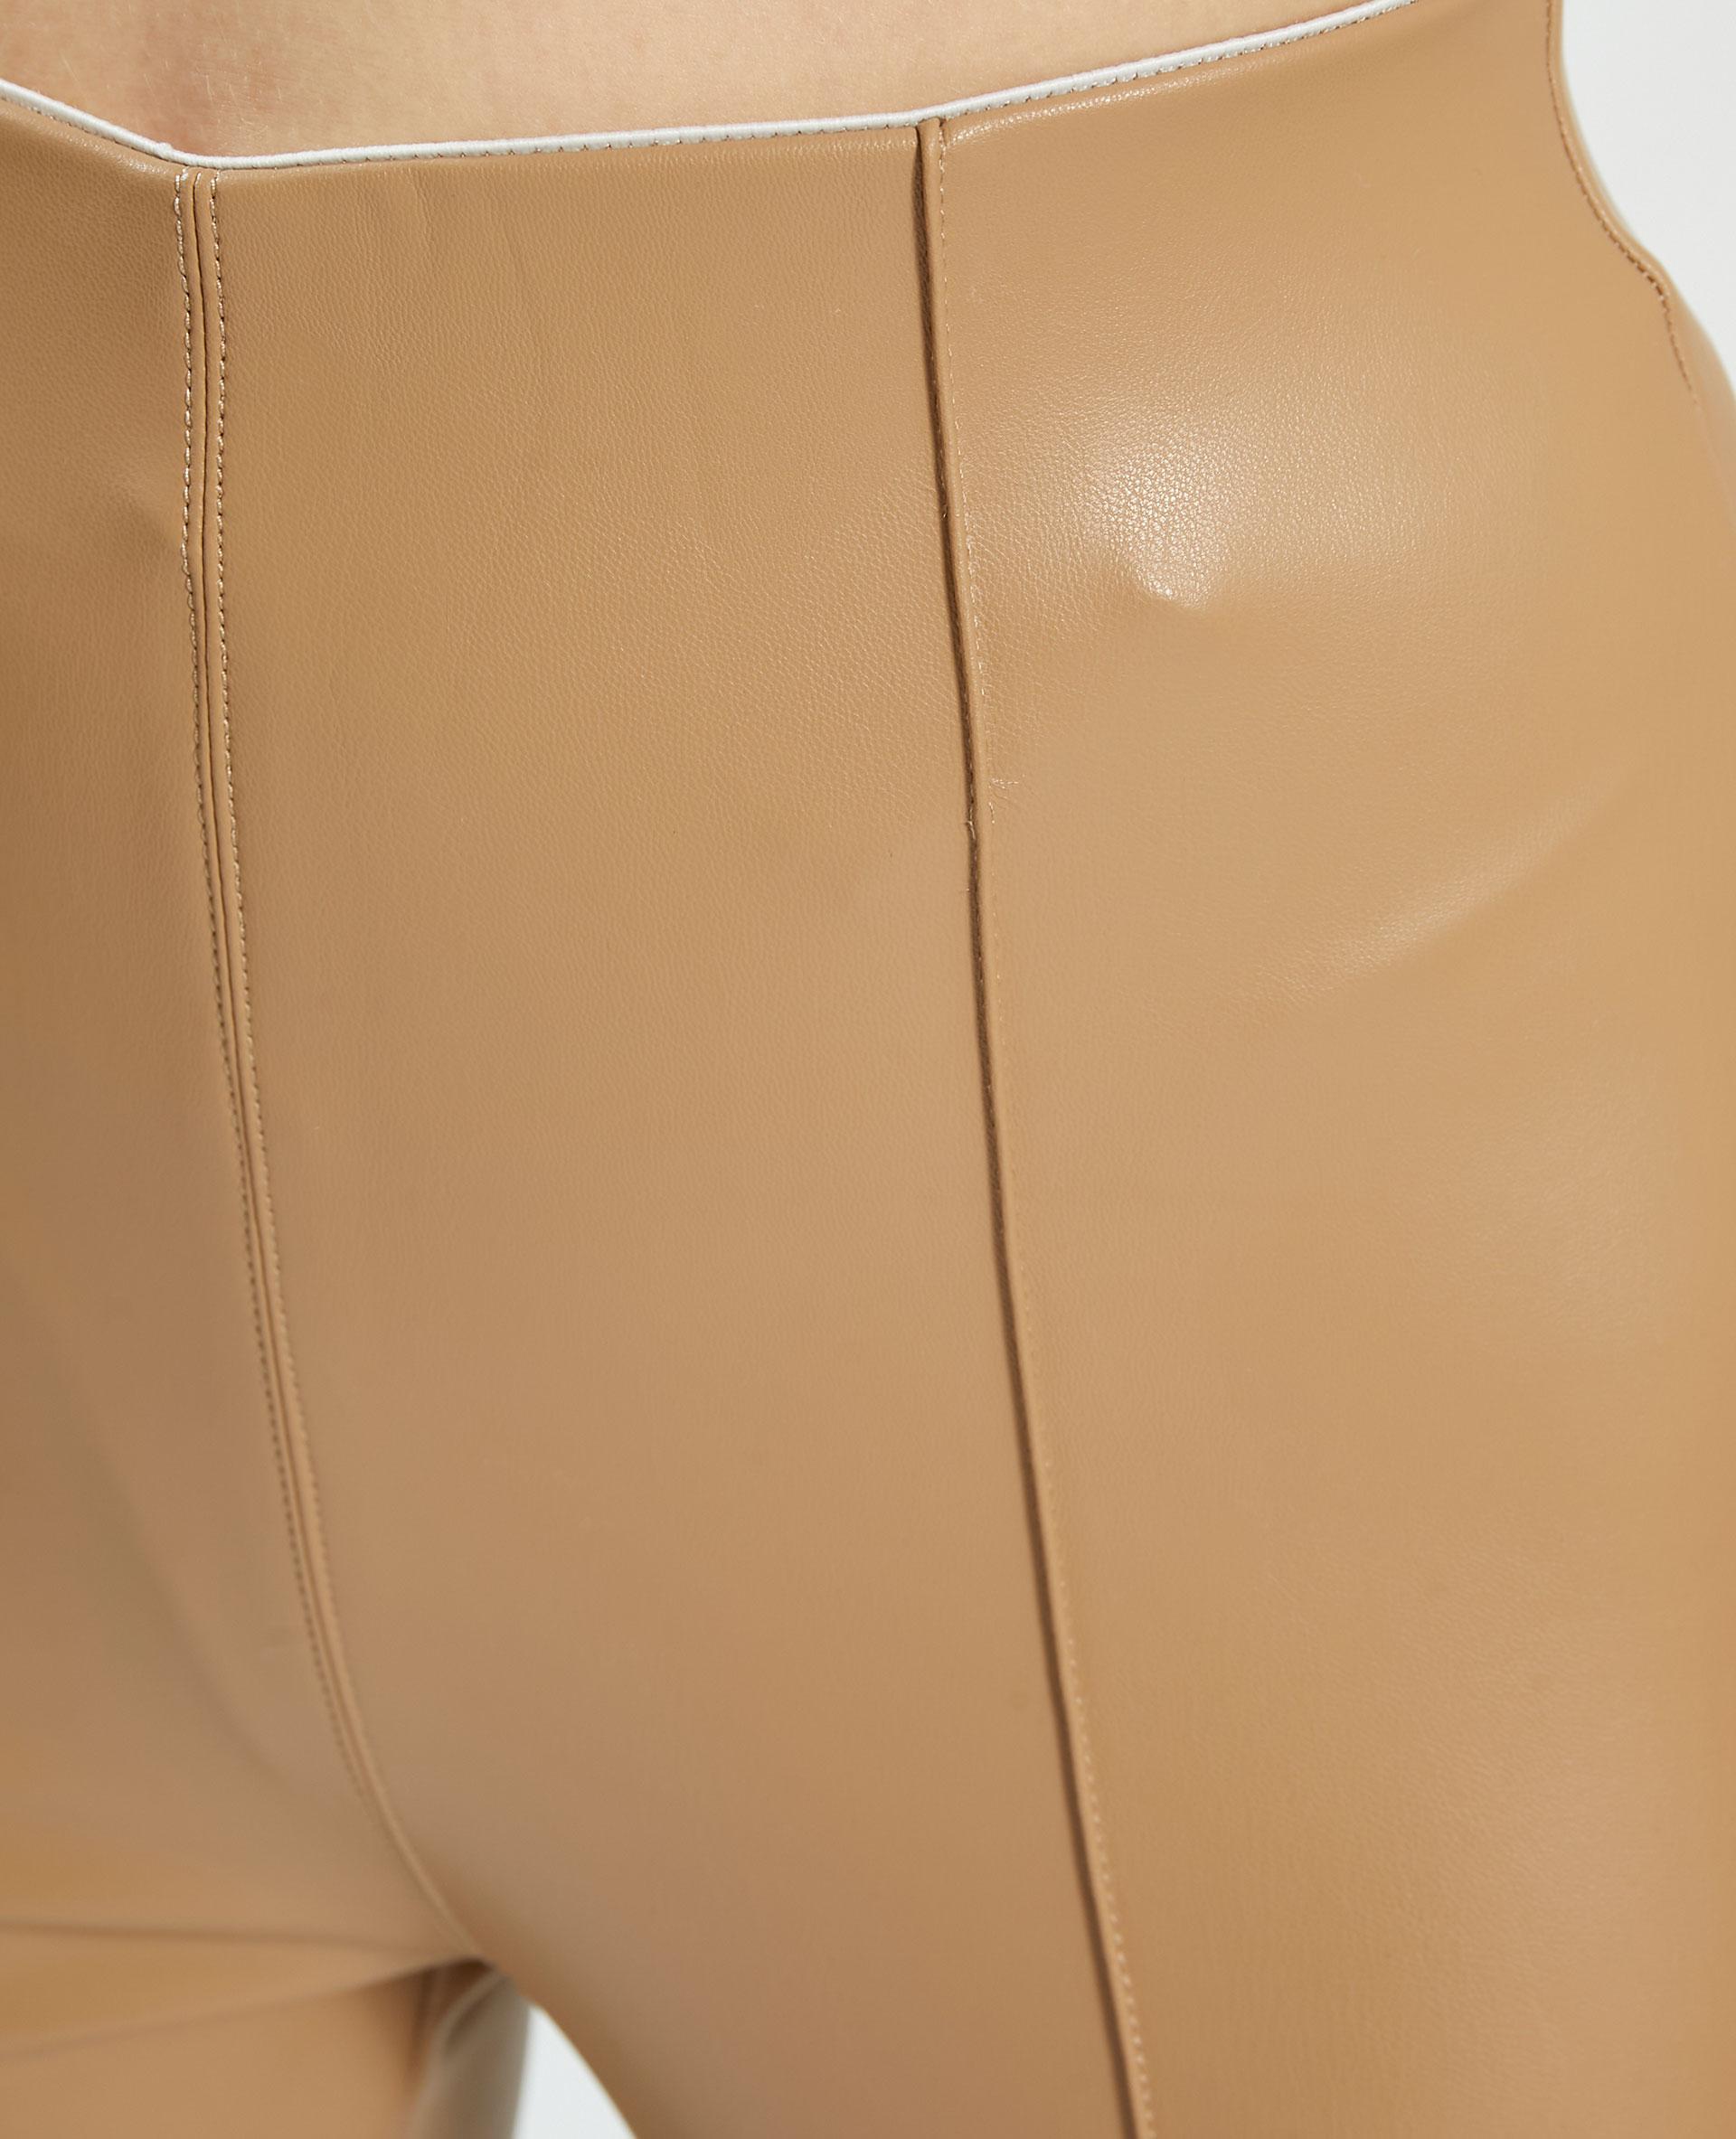 Legging en simili cuir beige - Pimkie